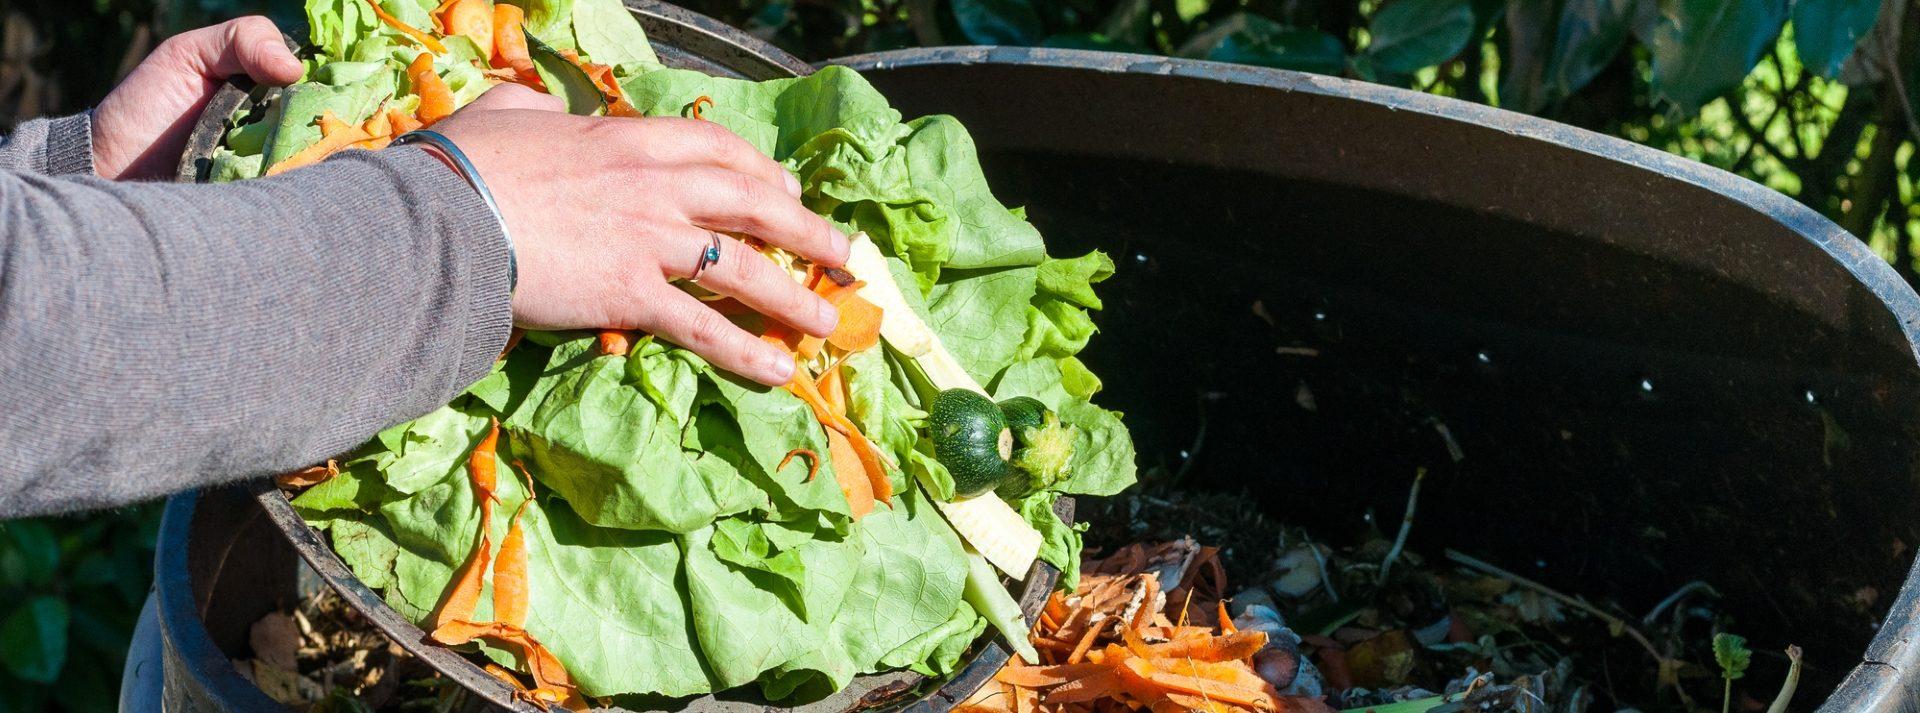 Ursachen für Lebensmittelverschwendung